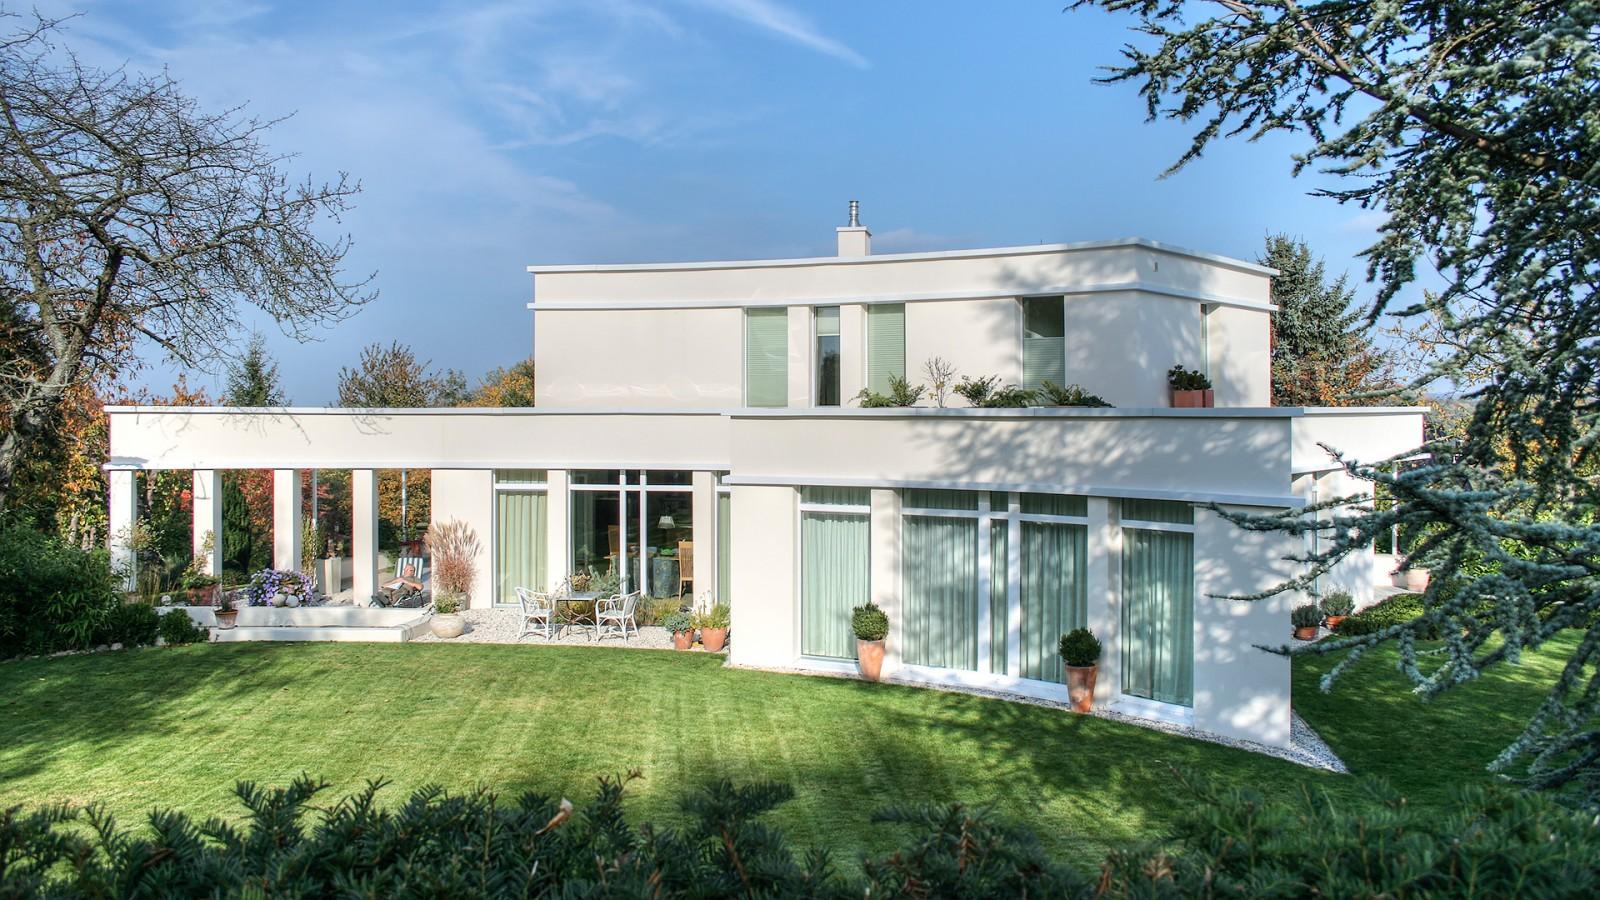 Neubau eines modernen Einfamilienhauses in Hildesheim | JUNG - Architekturbüro, Innenarchitekturbüro Hildesheim